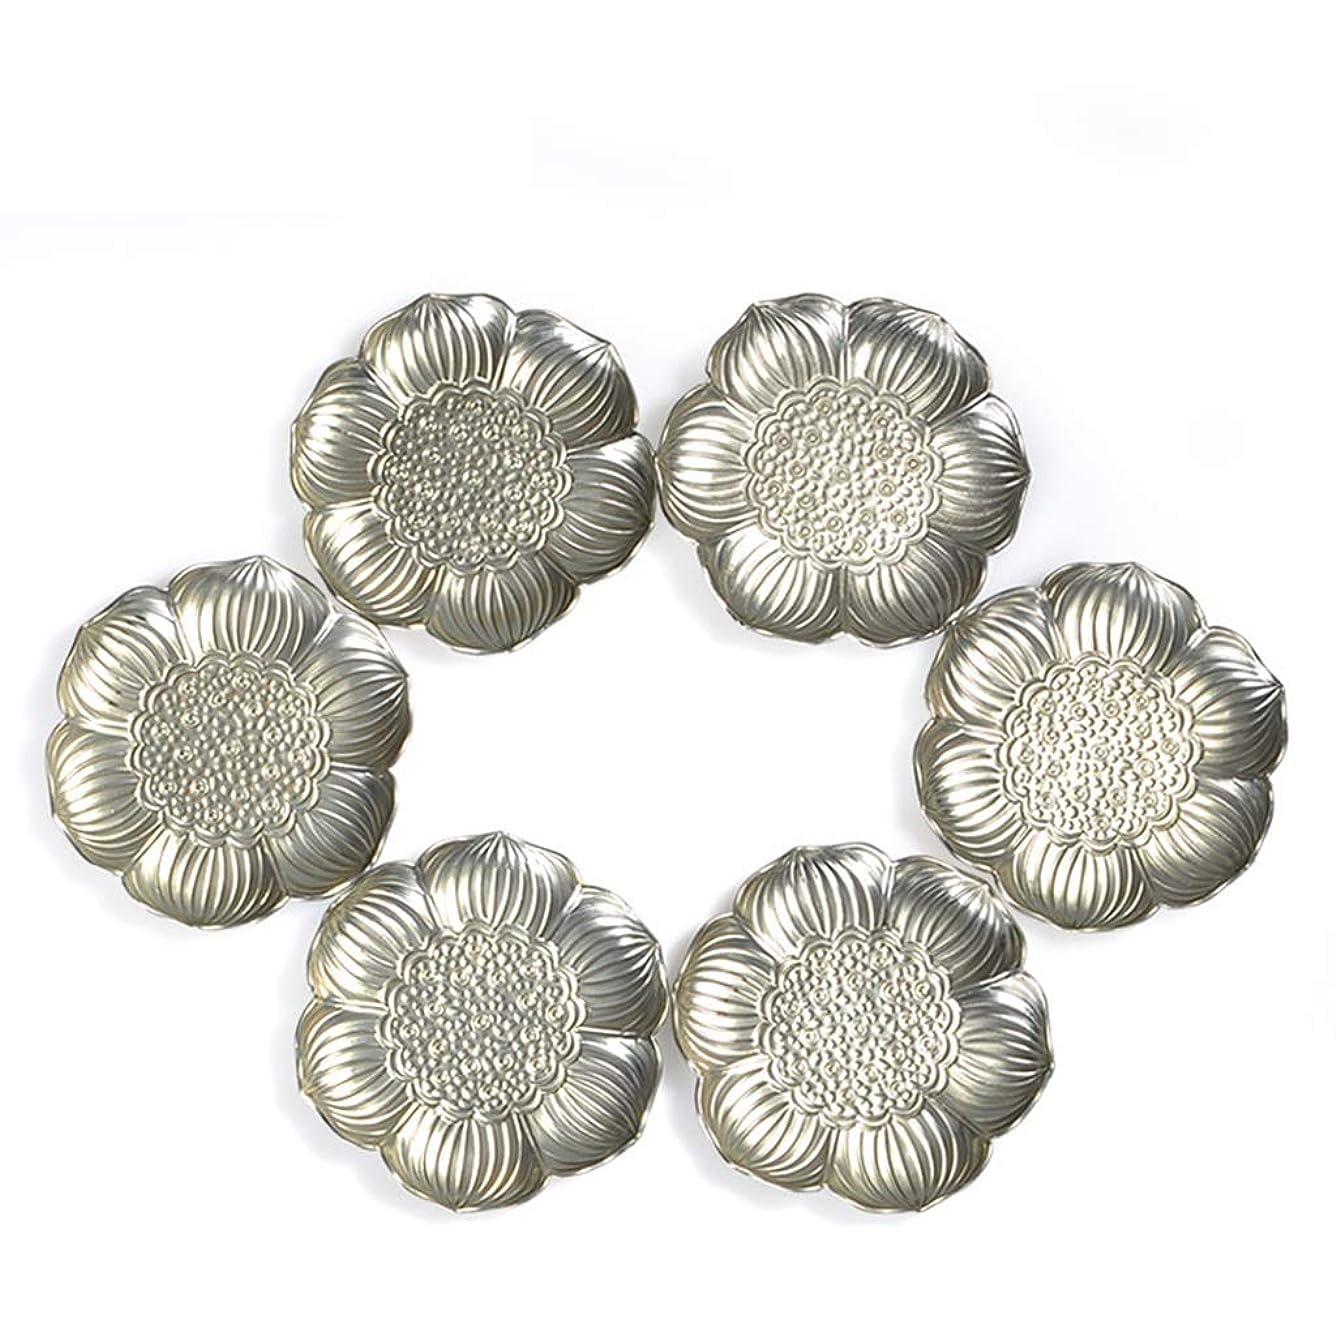 カプセル説得力のある手書きWJGRB 6枚の花弁のハス形コースター、亜鉛合金断熱パッド、テーブルマット、6コースターセット デスクトップ絶縁パッド (Color : Silver)